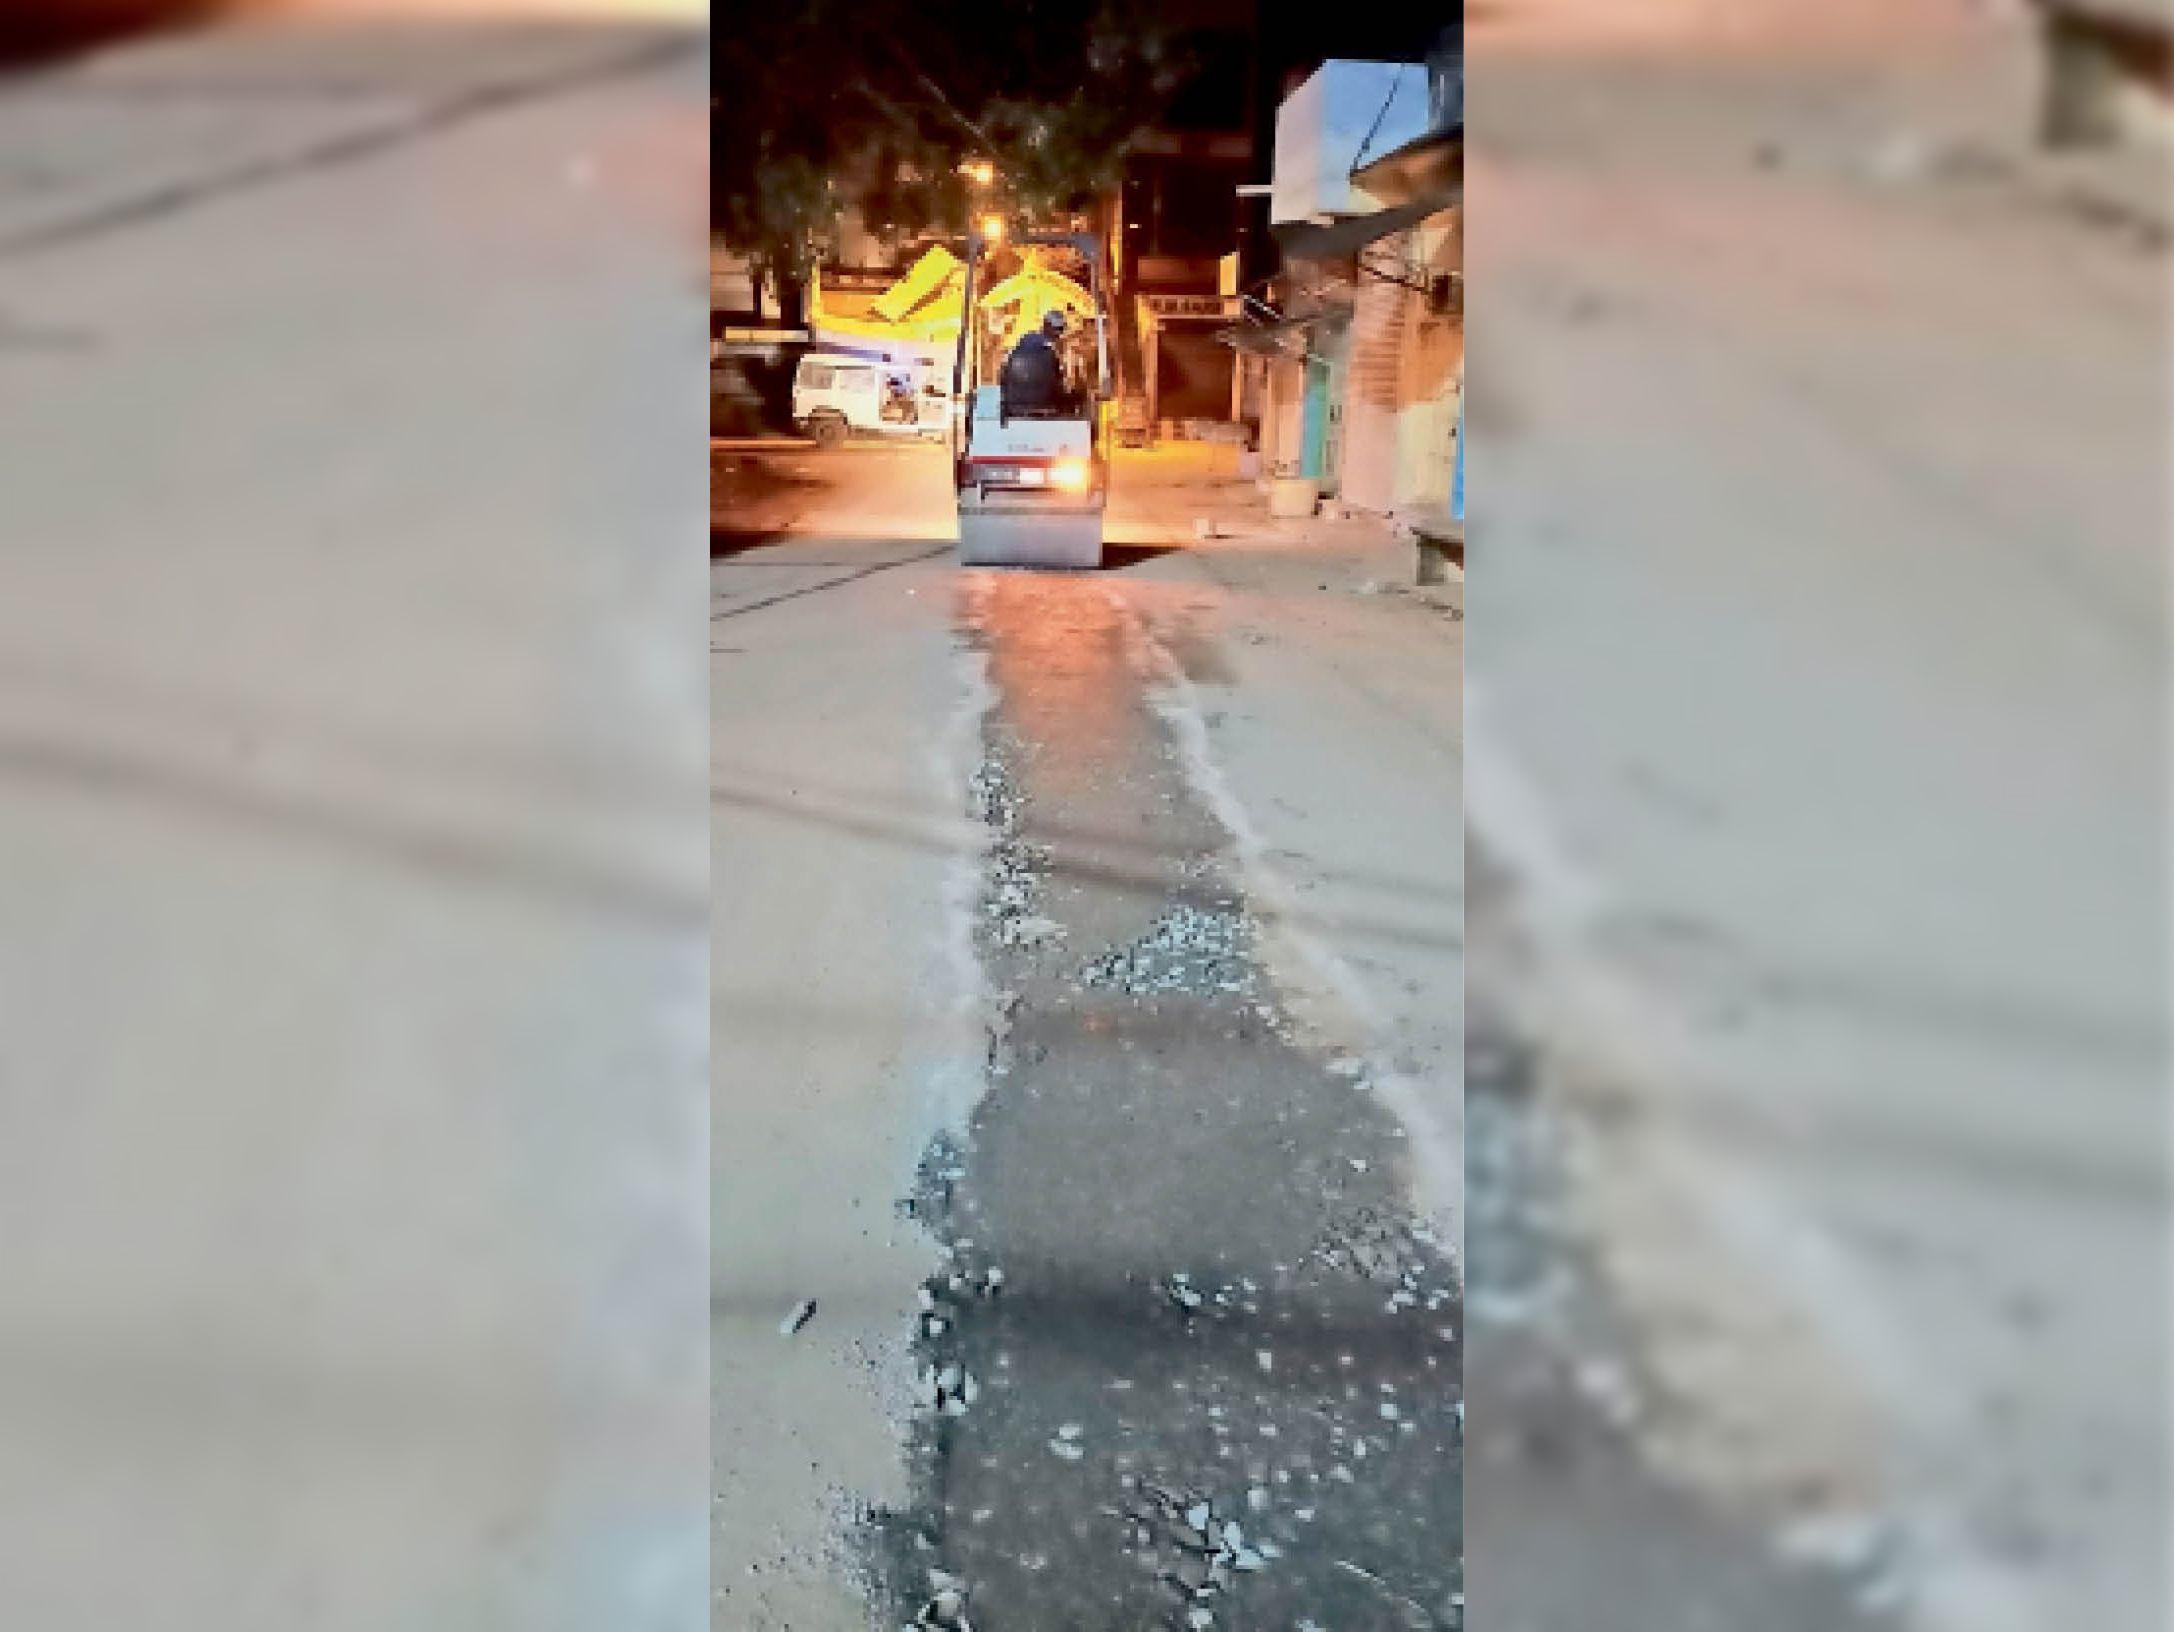 सीवर लाइन बिछाने के बाद रोड रोलर चलाकर सड़क का समतलीकरण करते हुए। - Dainik Bhaskar